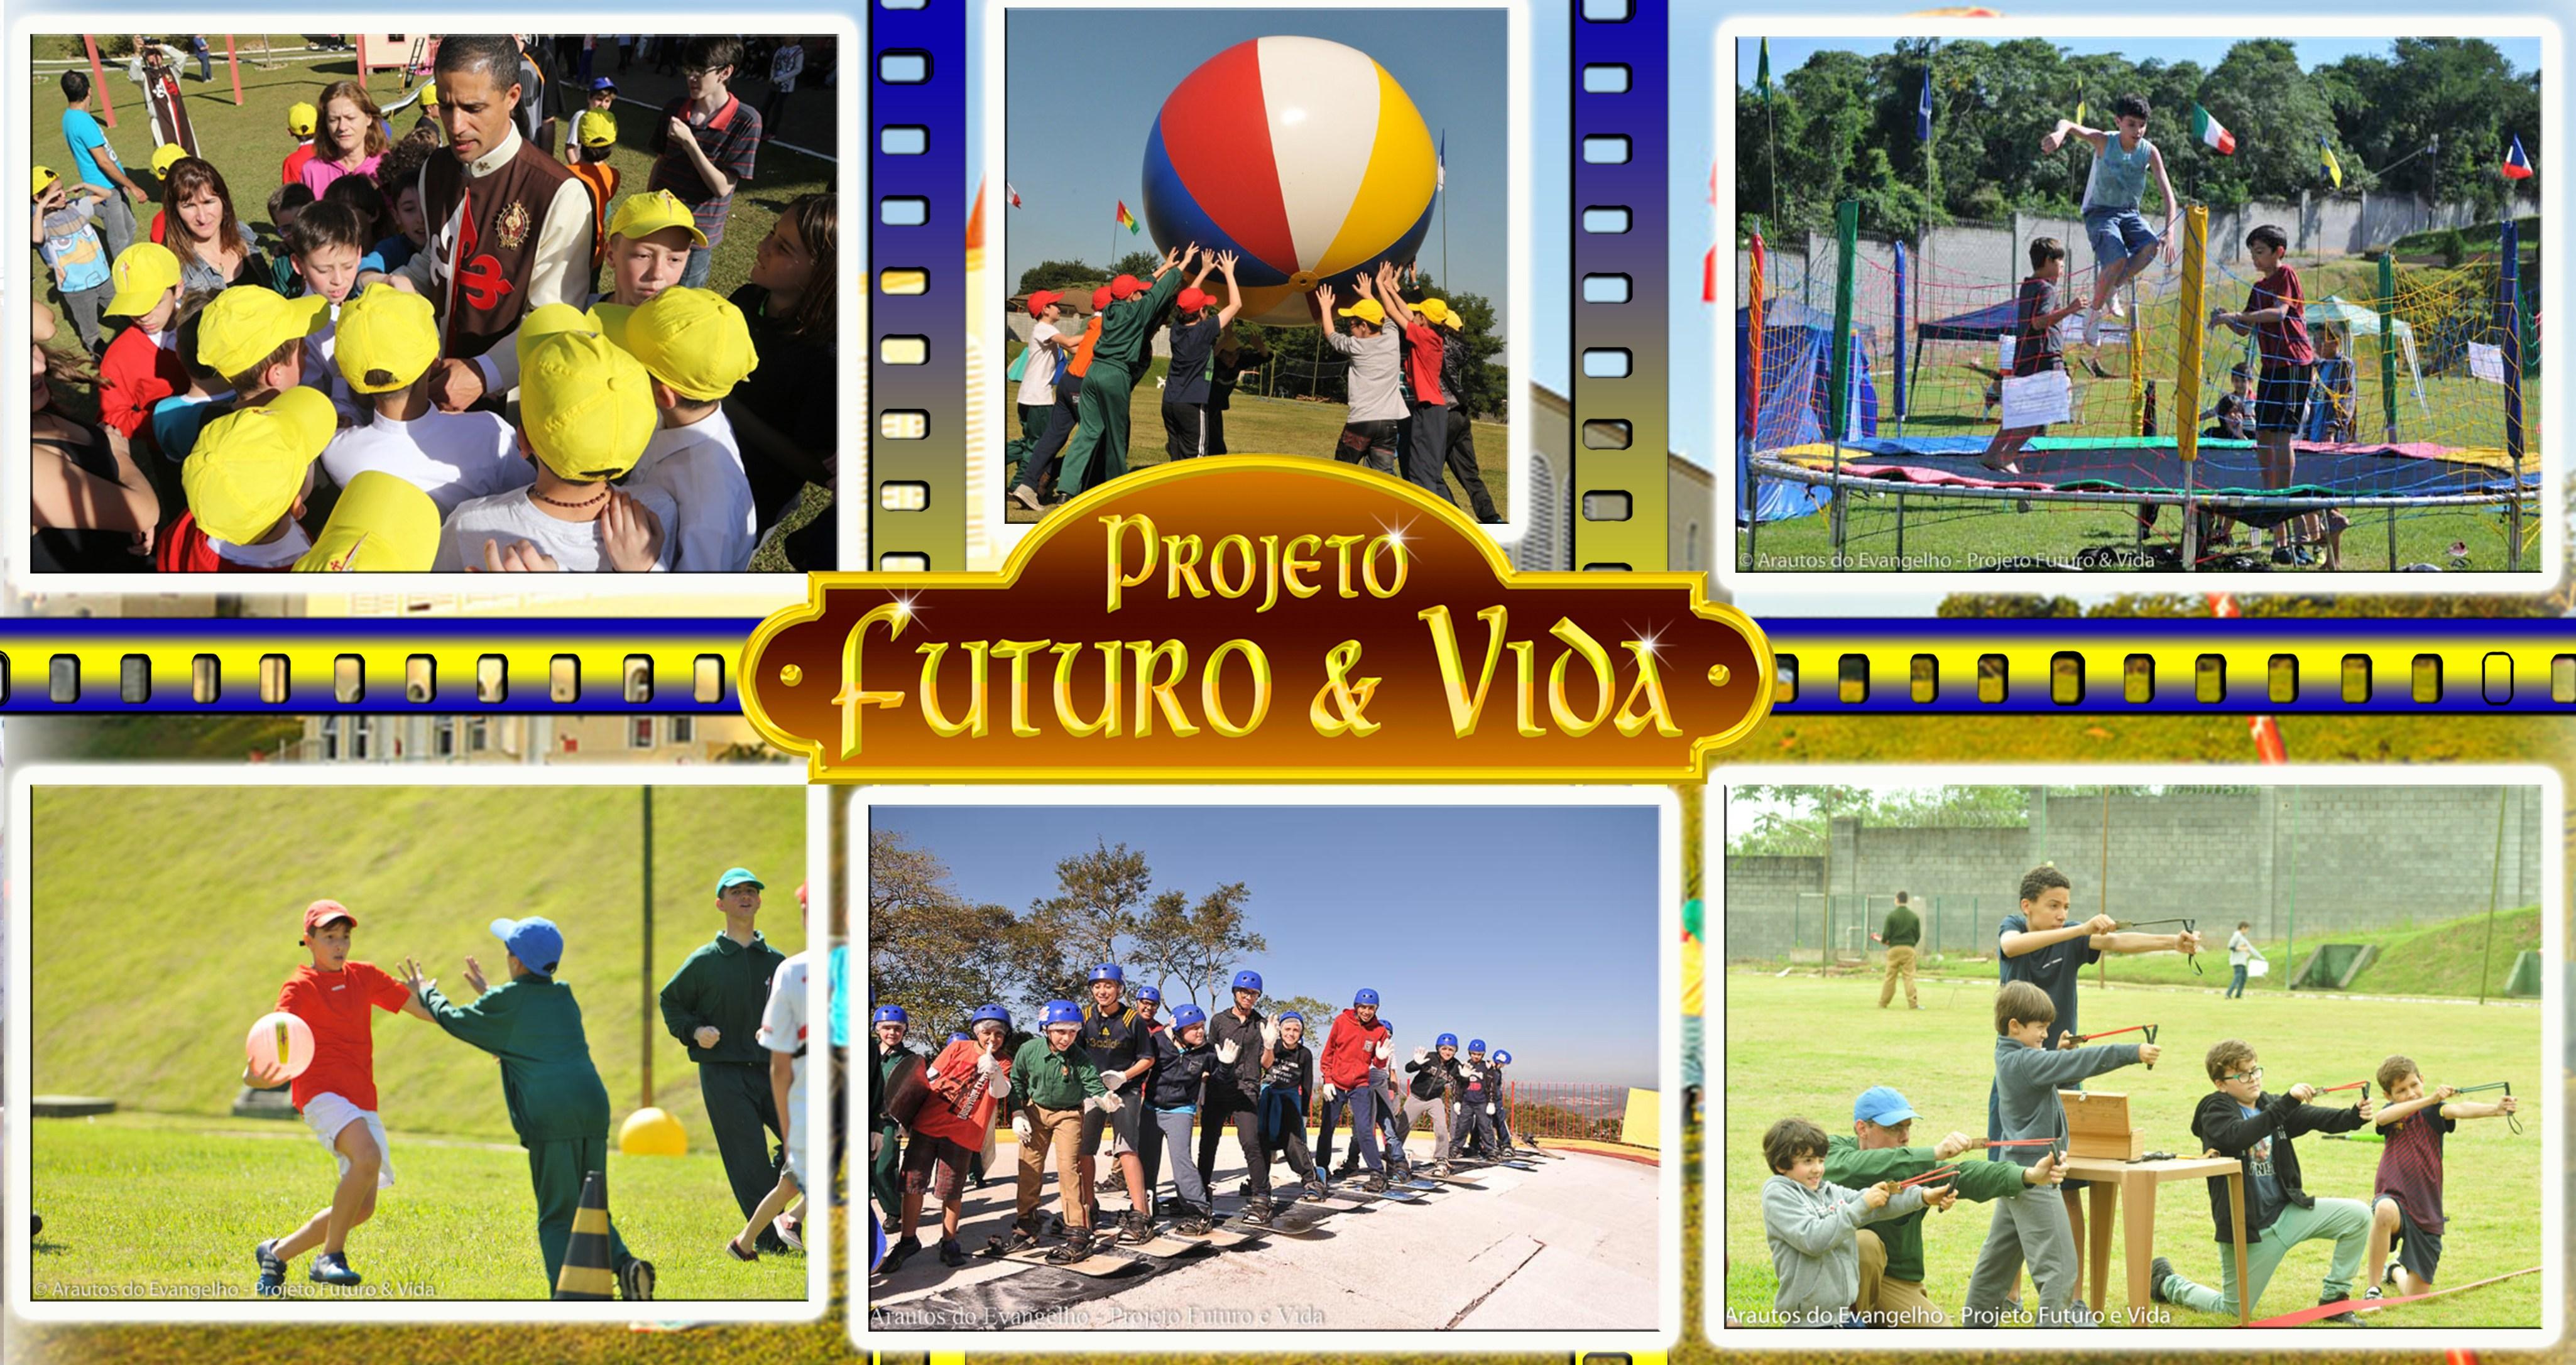 Projeto Futuro e Vida